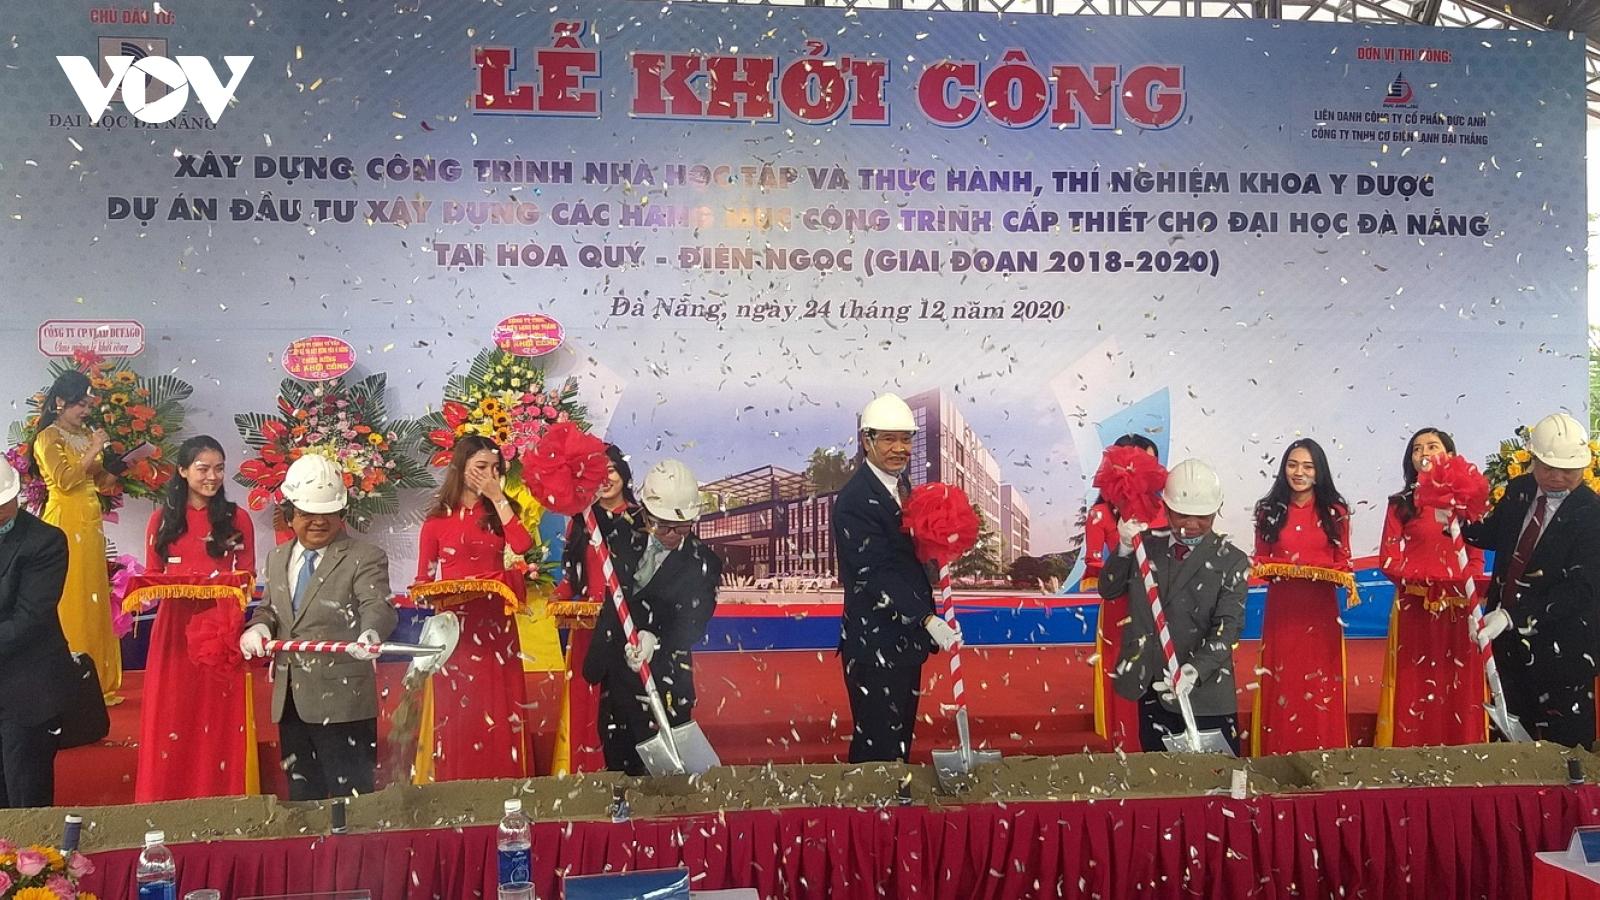 Khởi công xây dựng các công trình cấp thiết cho Làng Đại học Đà Nẵng